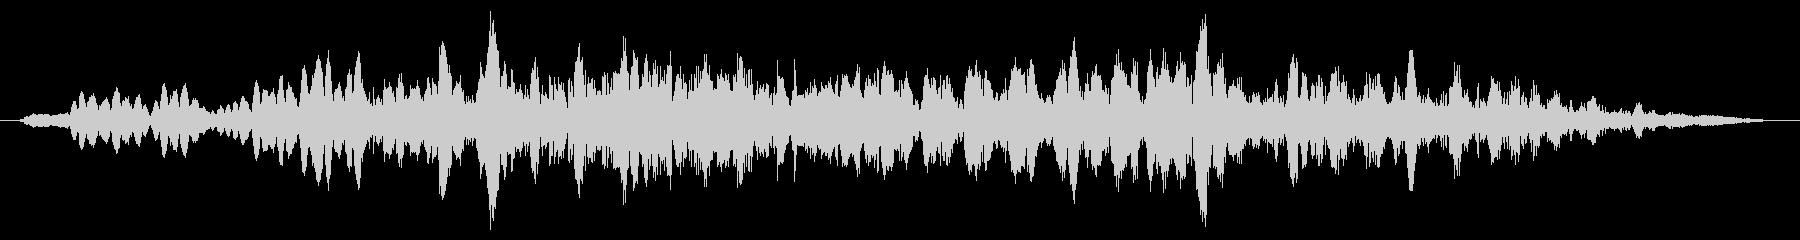 グリッティバジングリップの未再生の波形